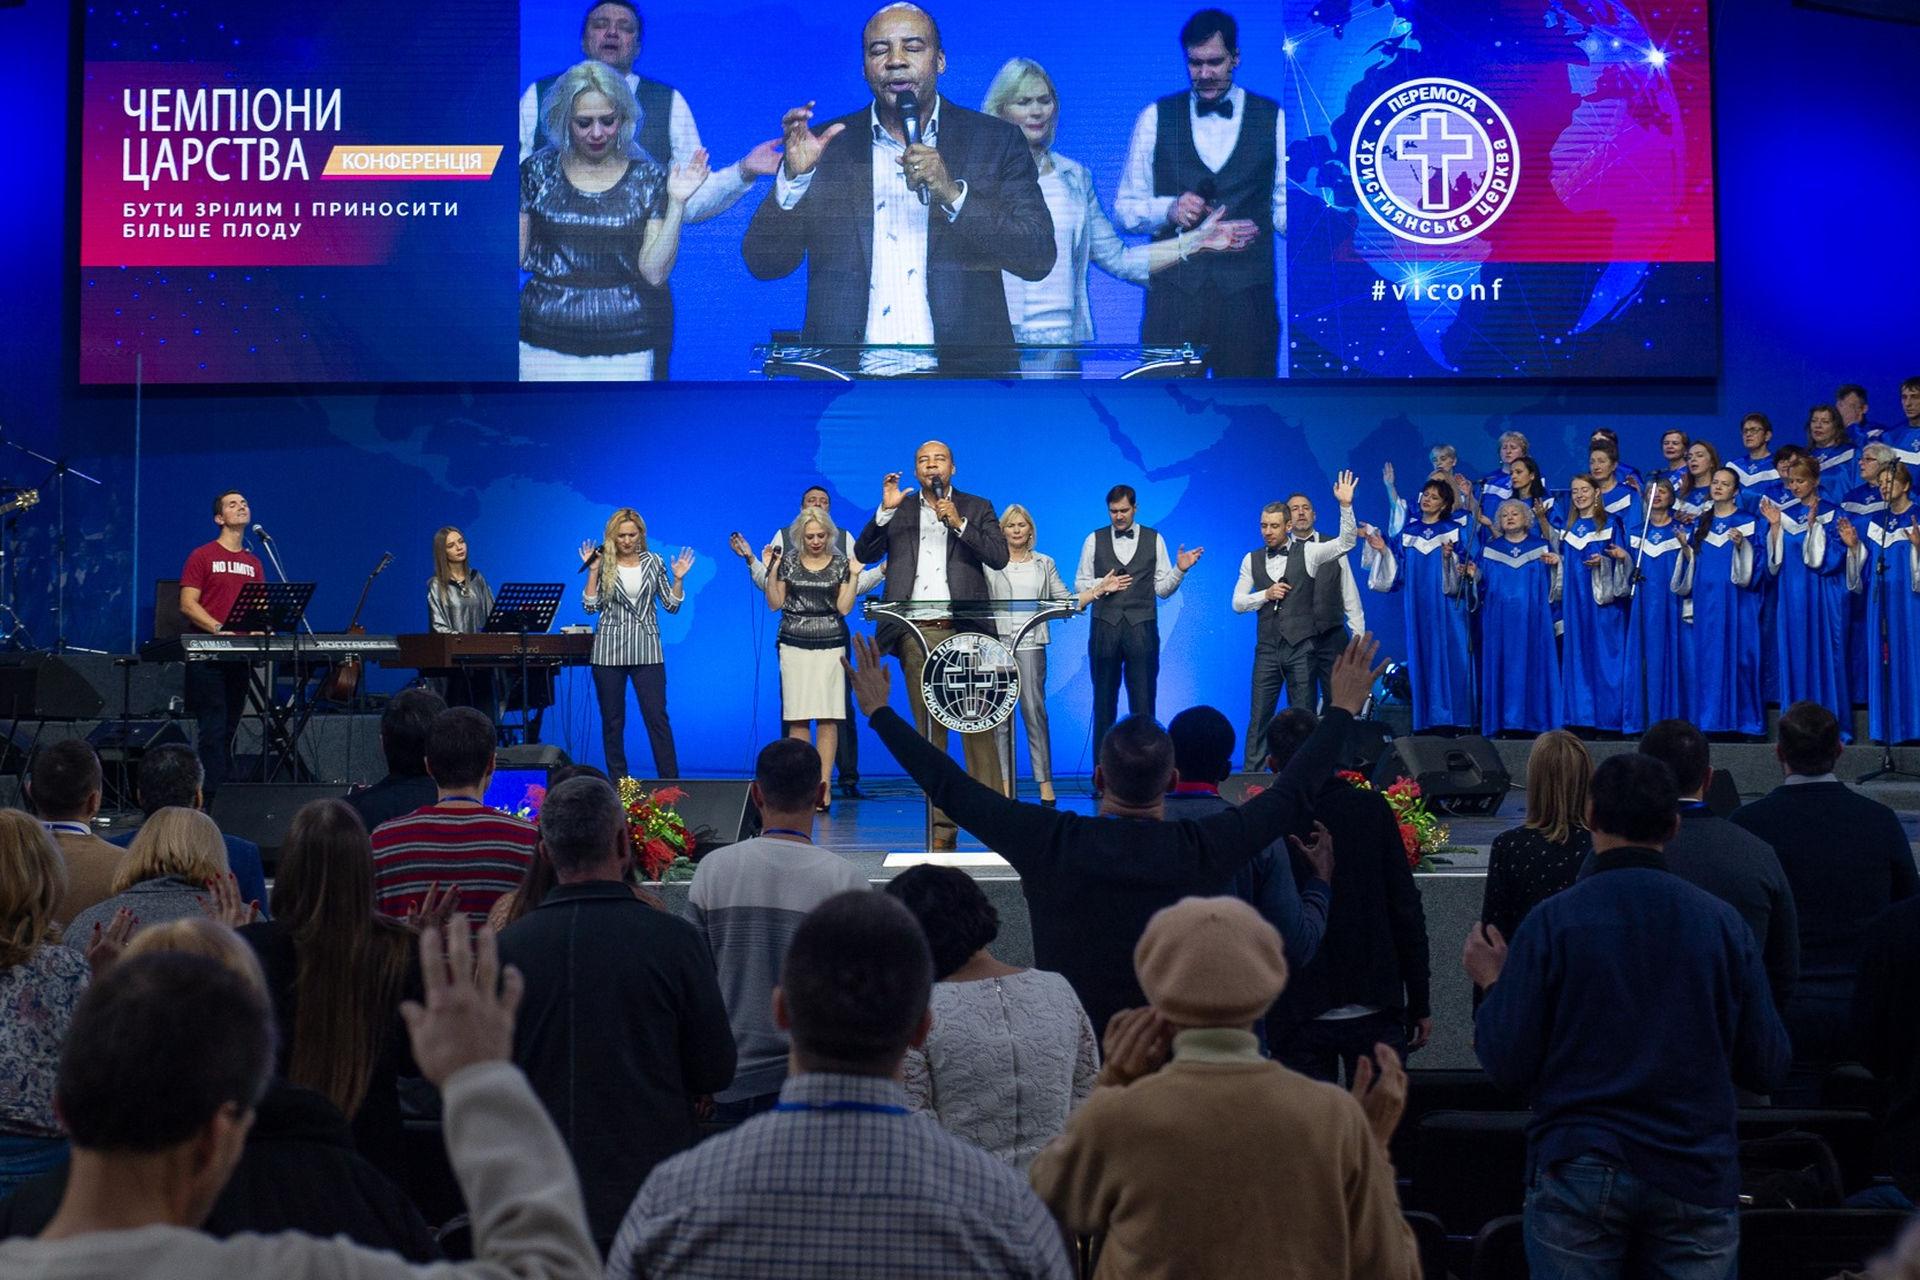 Як стати чемпіоном для зростання церкви